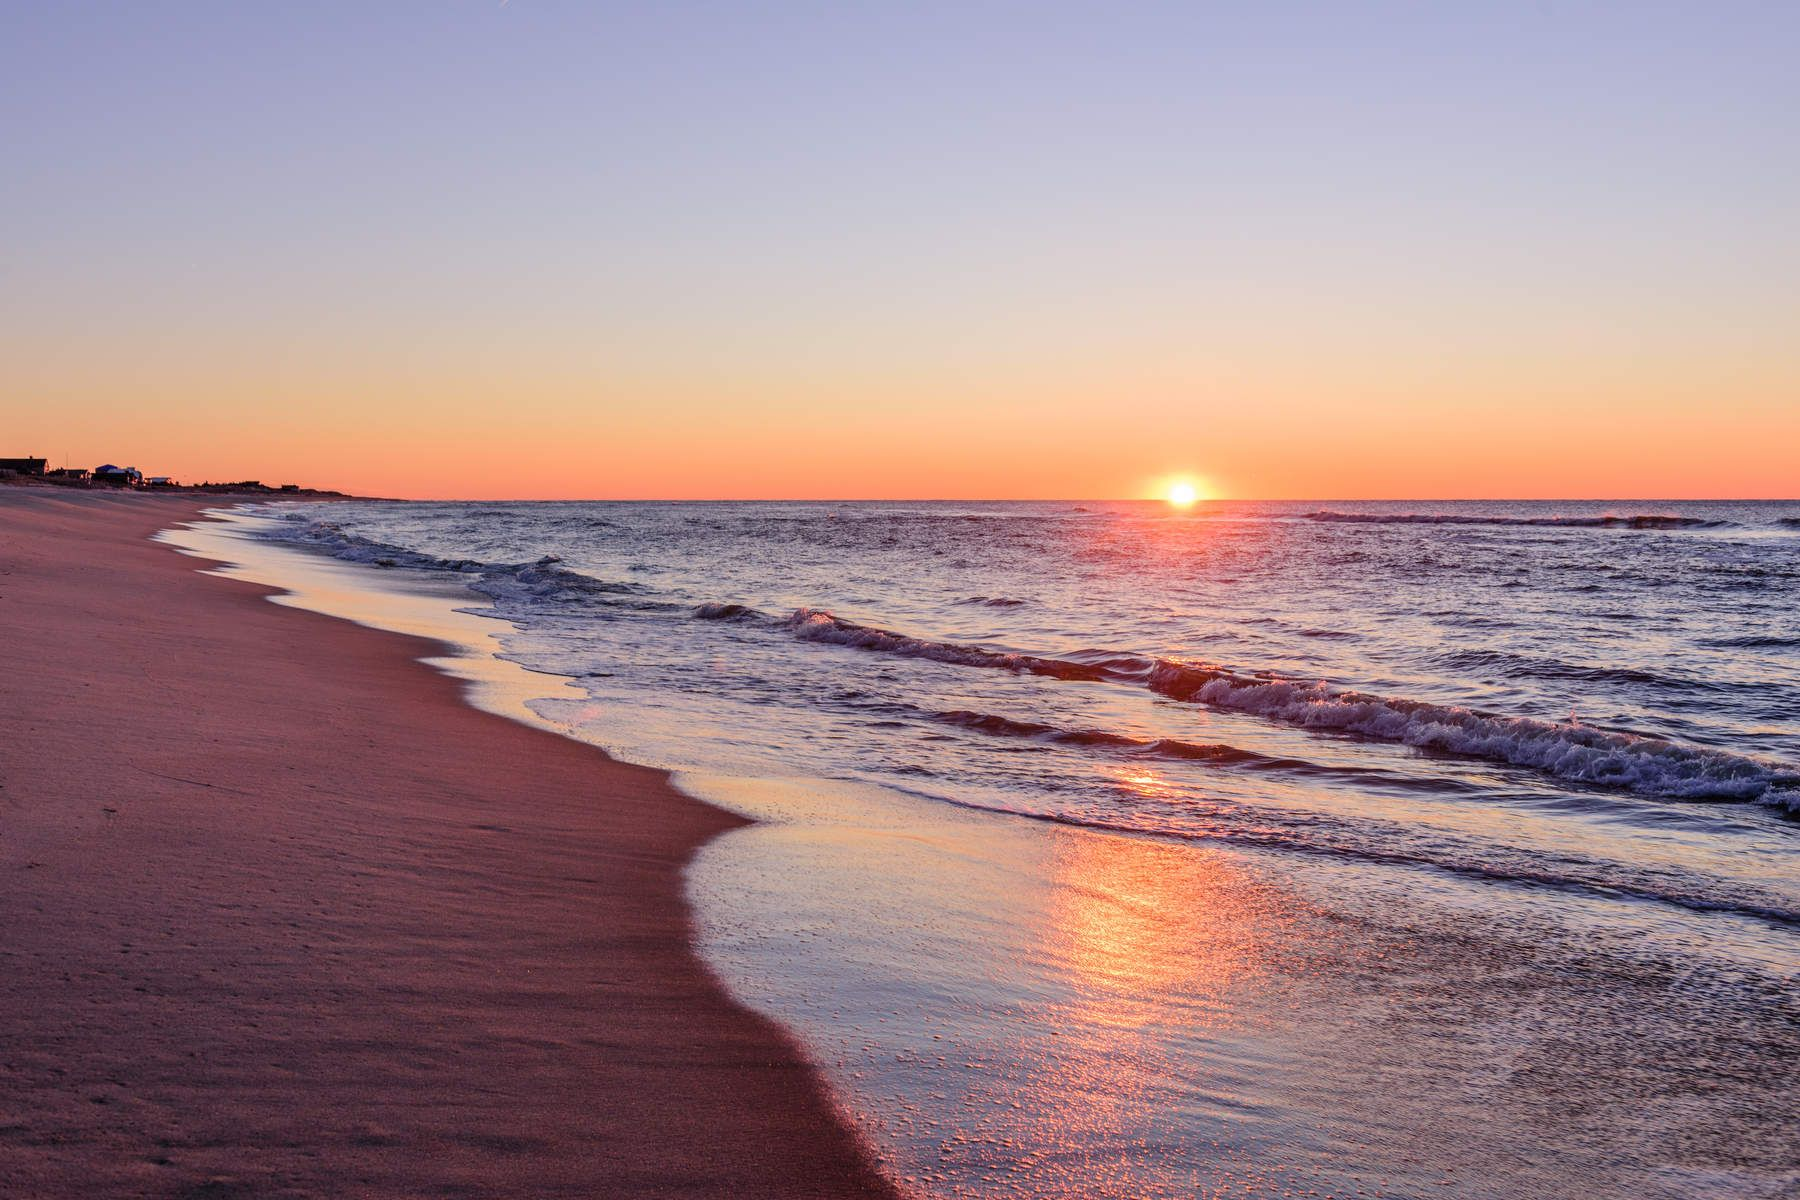 Land for Sale at PRIME OCEANFRONT LOT, AMAGANSETT DUNES 161 Marine Blvd Amagansett, New York 11930 United States